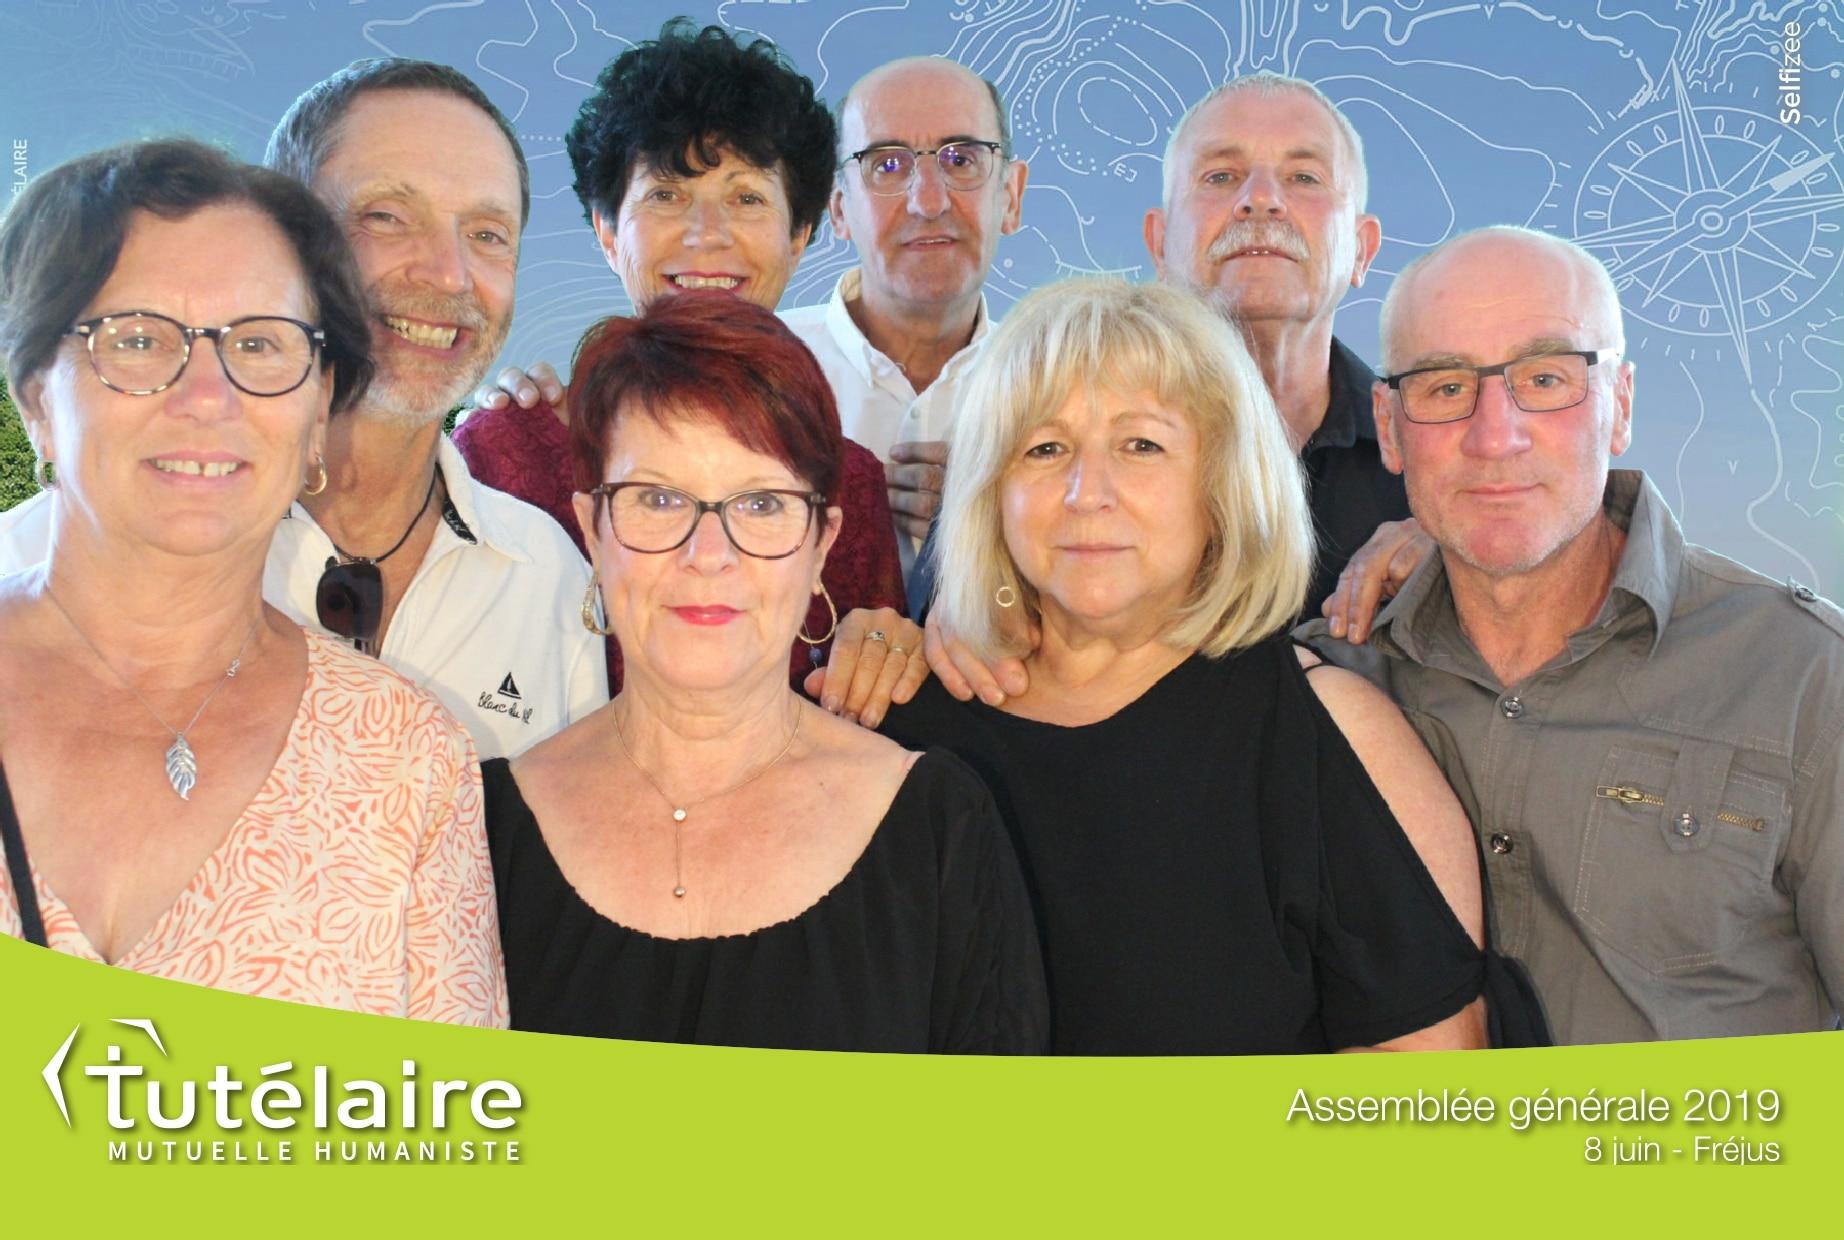 Animation photobooth borne photo avec impressions selfies à l'assemblée générale Tutélaire à Fréjus entre Sainte Maxime et Cannes